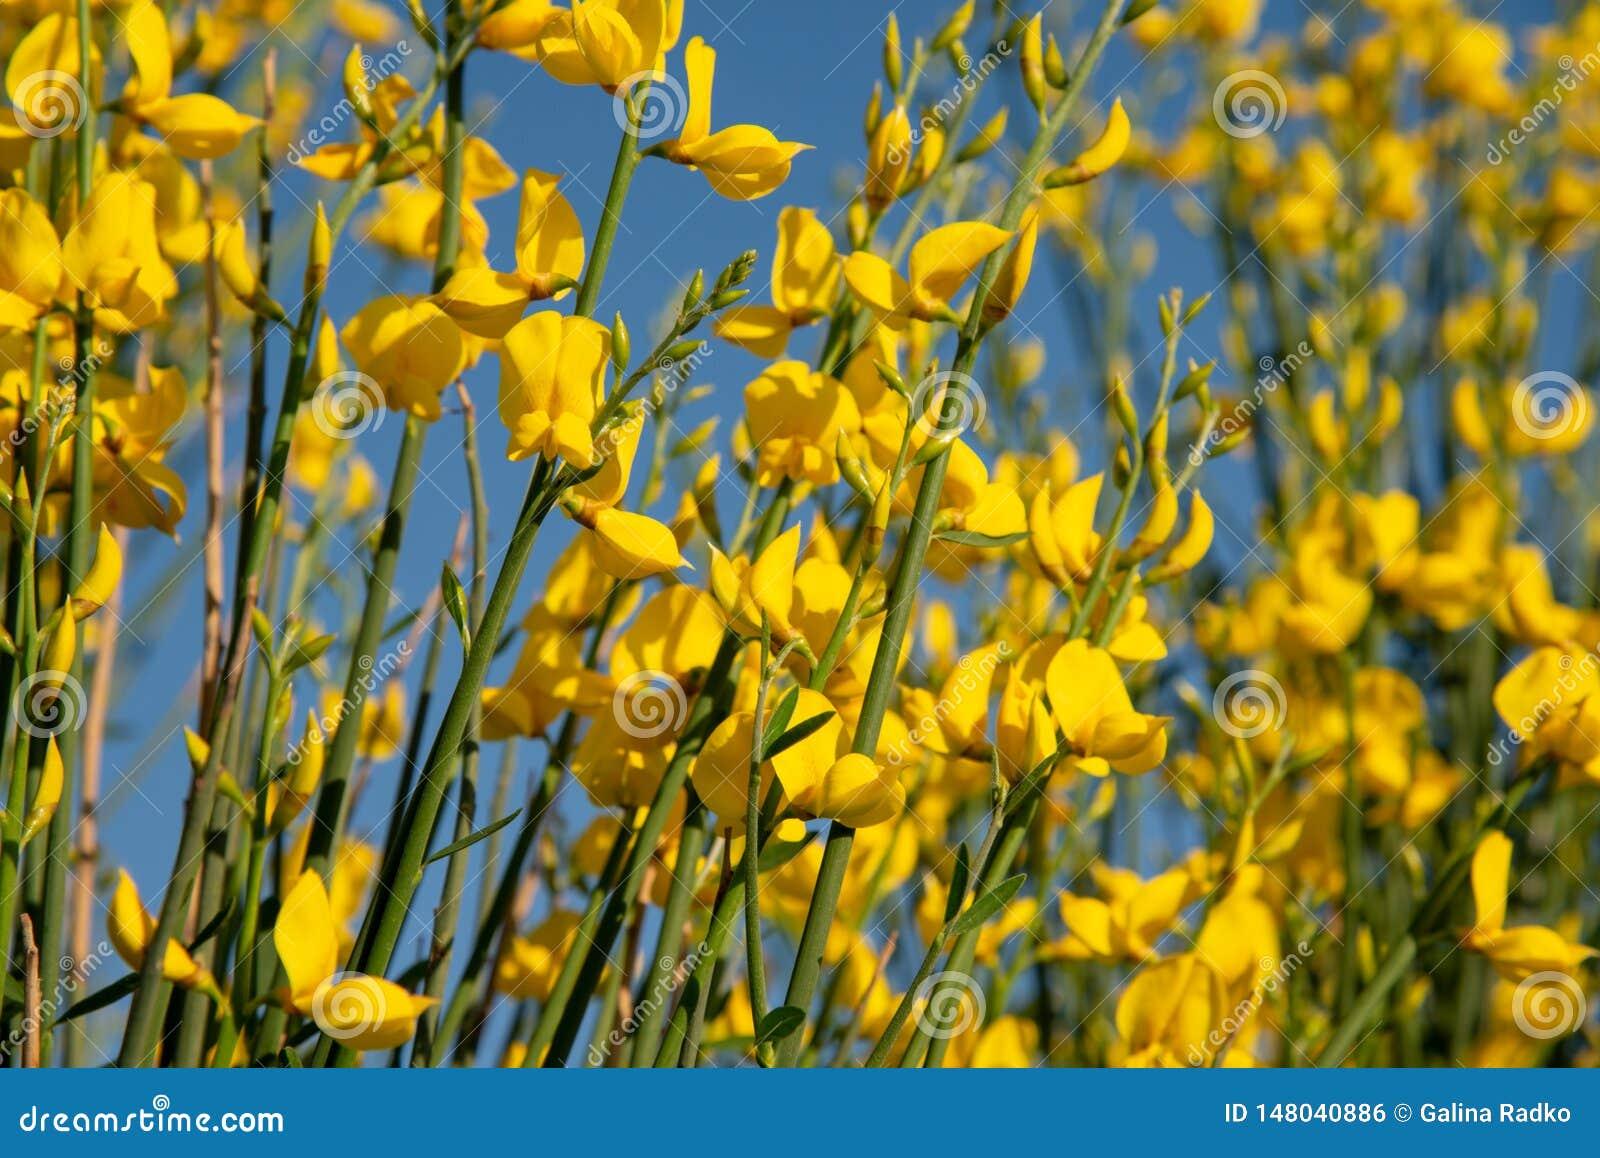 Questi sono fiori gialli della ginestra selvatica Fondo